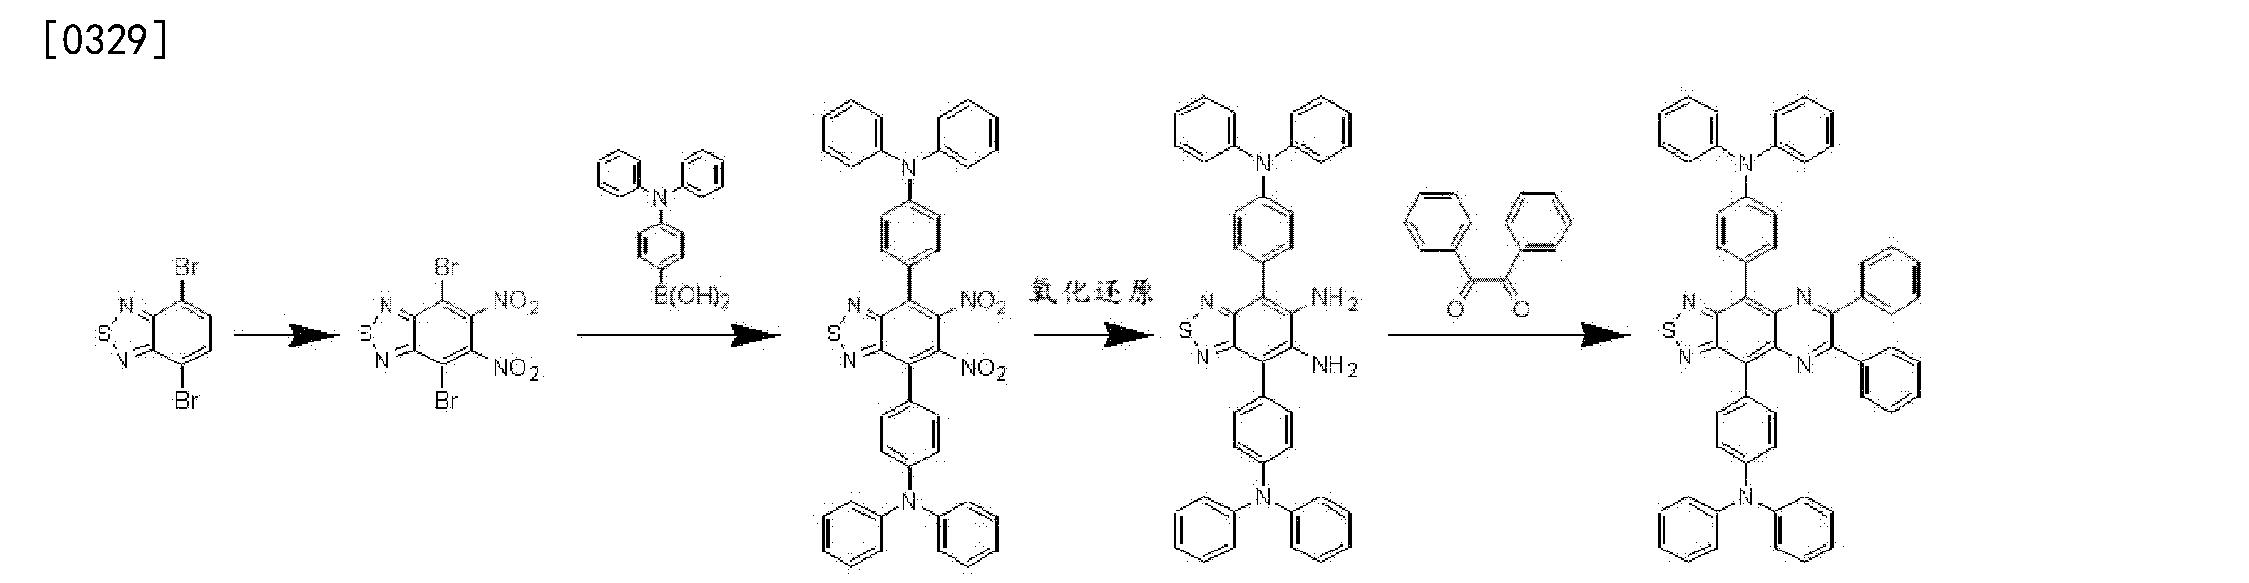 Figure CN102731533BD00341